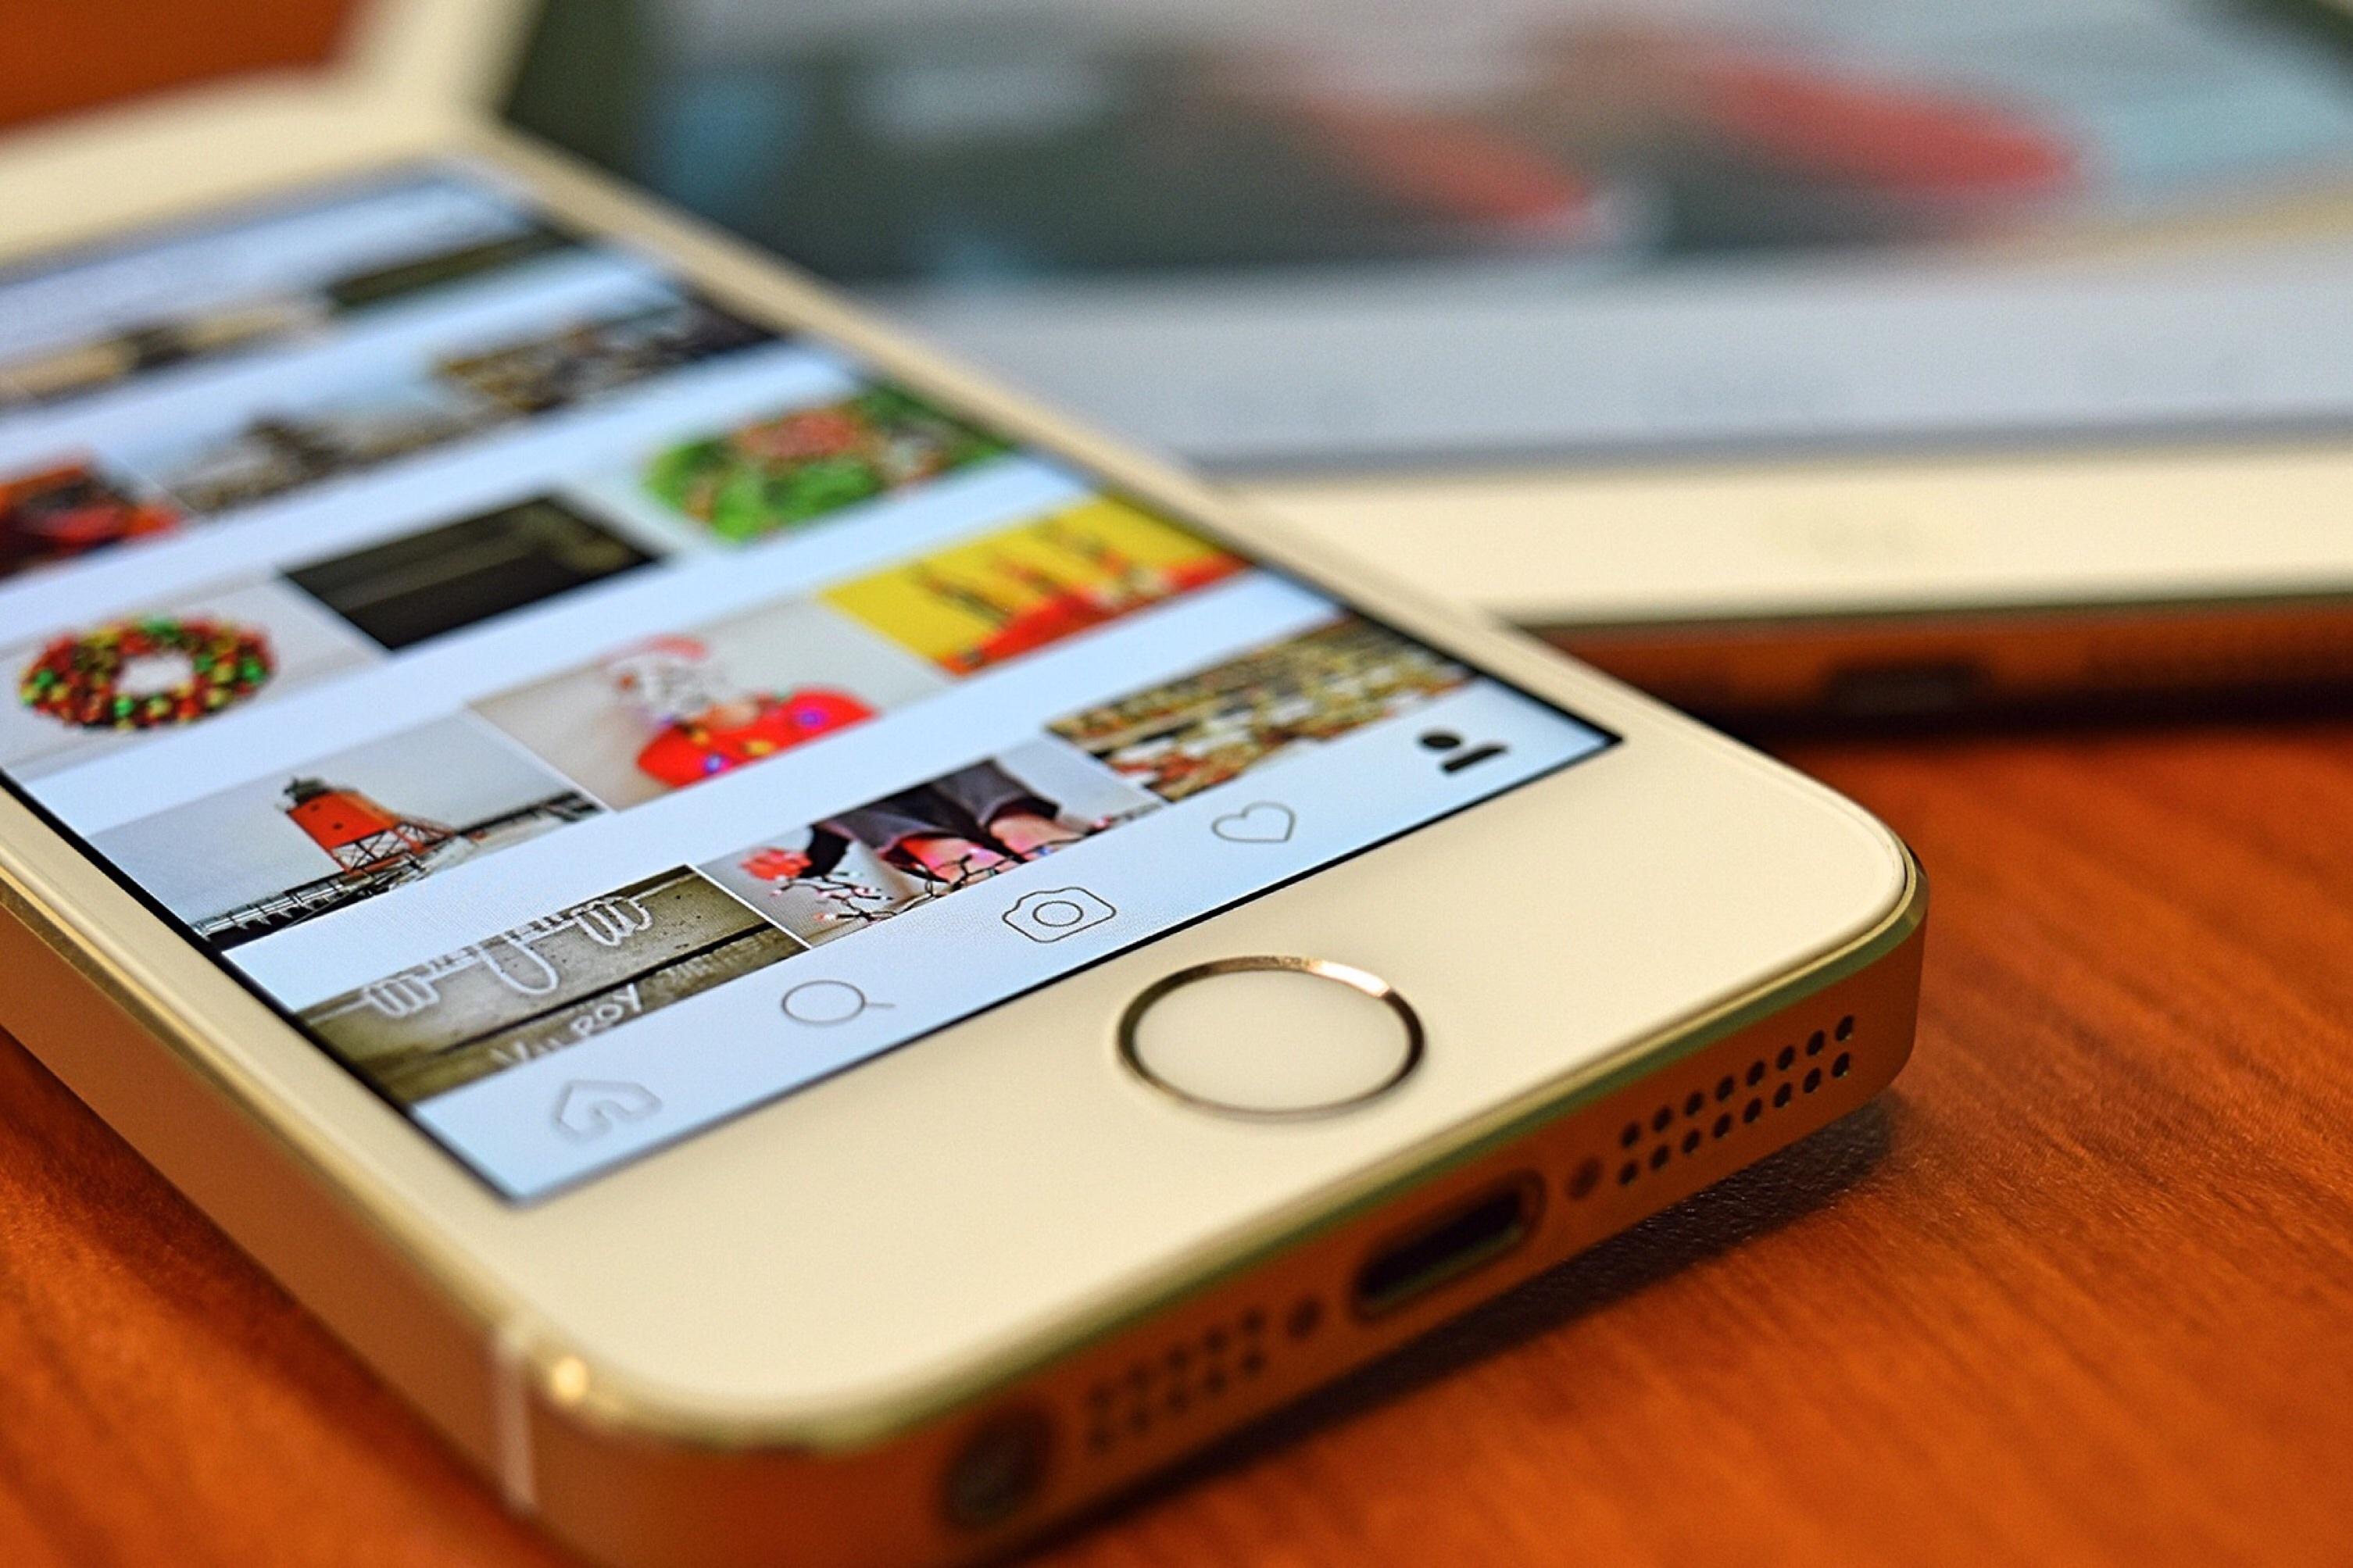 comment espionner son copain sur instagram